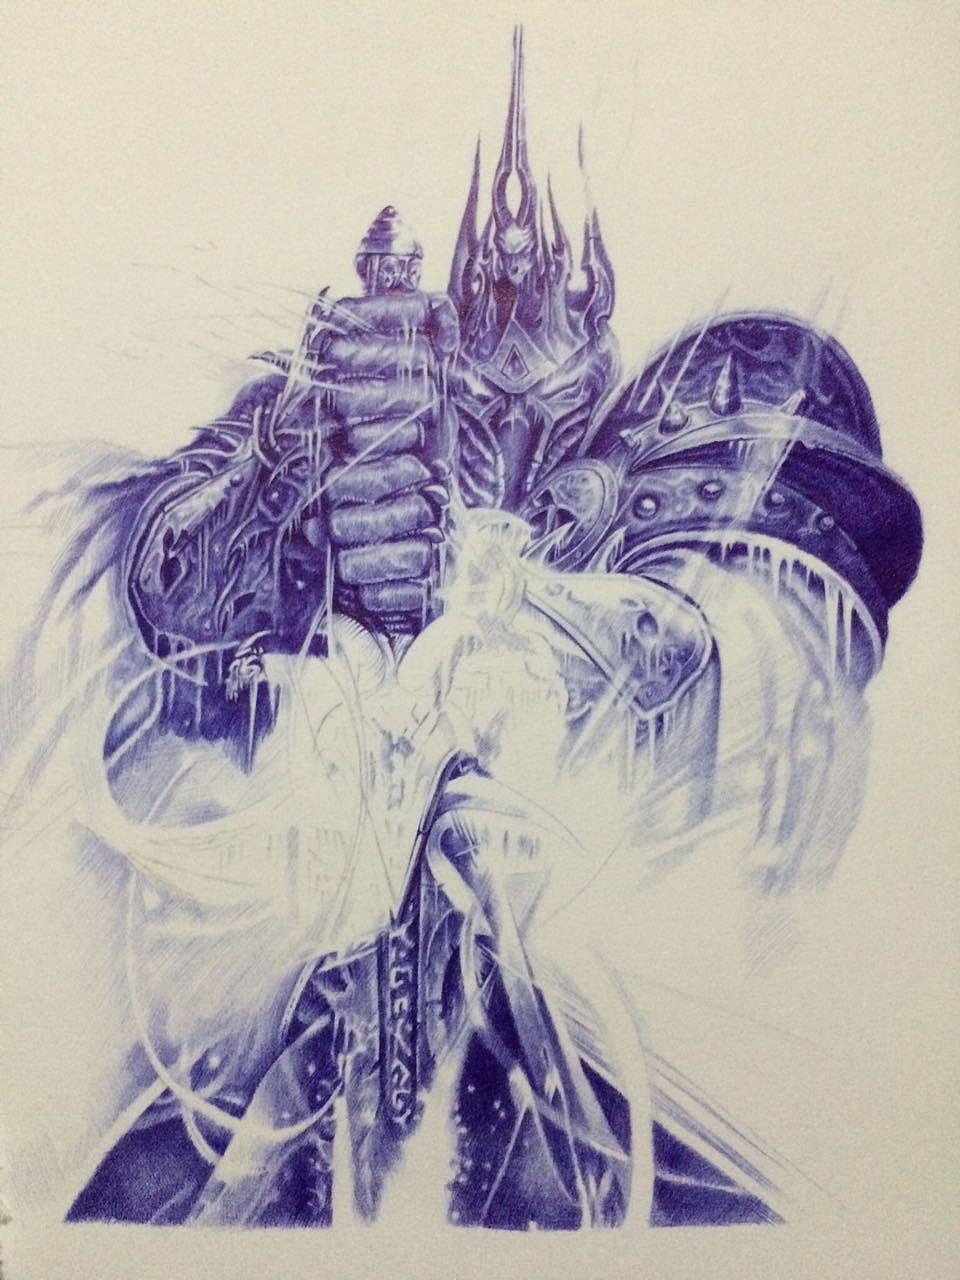 魔兽争霸系列等y_lovely圆珠笔手绘